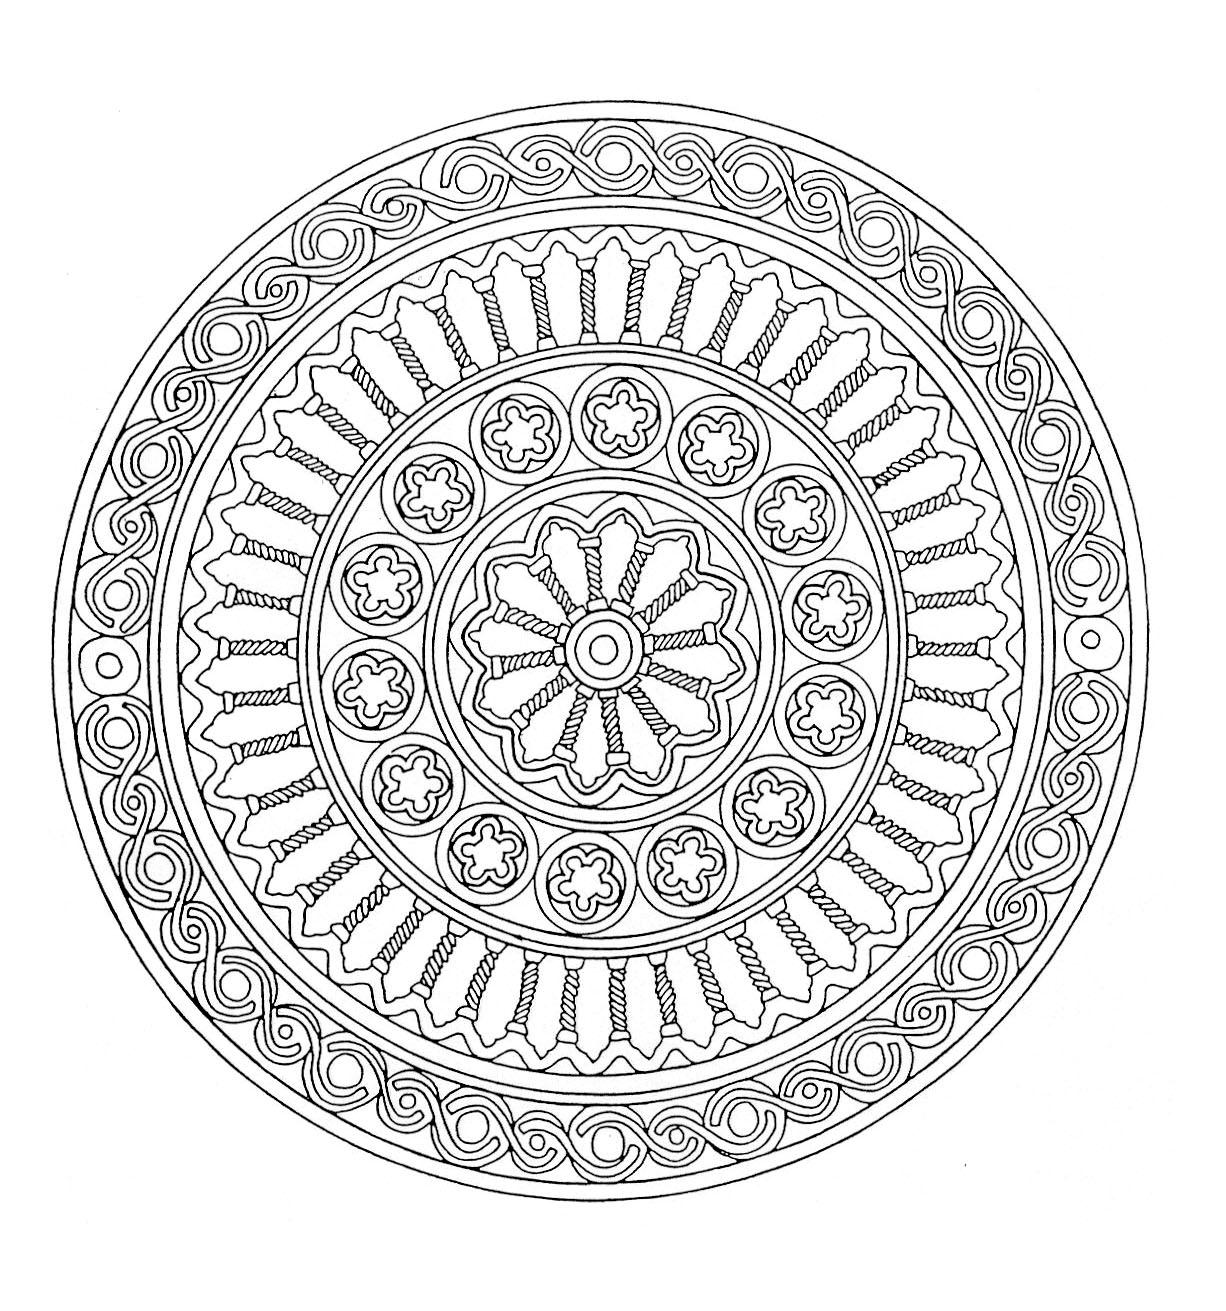 Disegni da colorare per adulti : Mandalas - 13